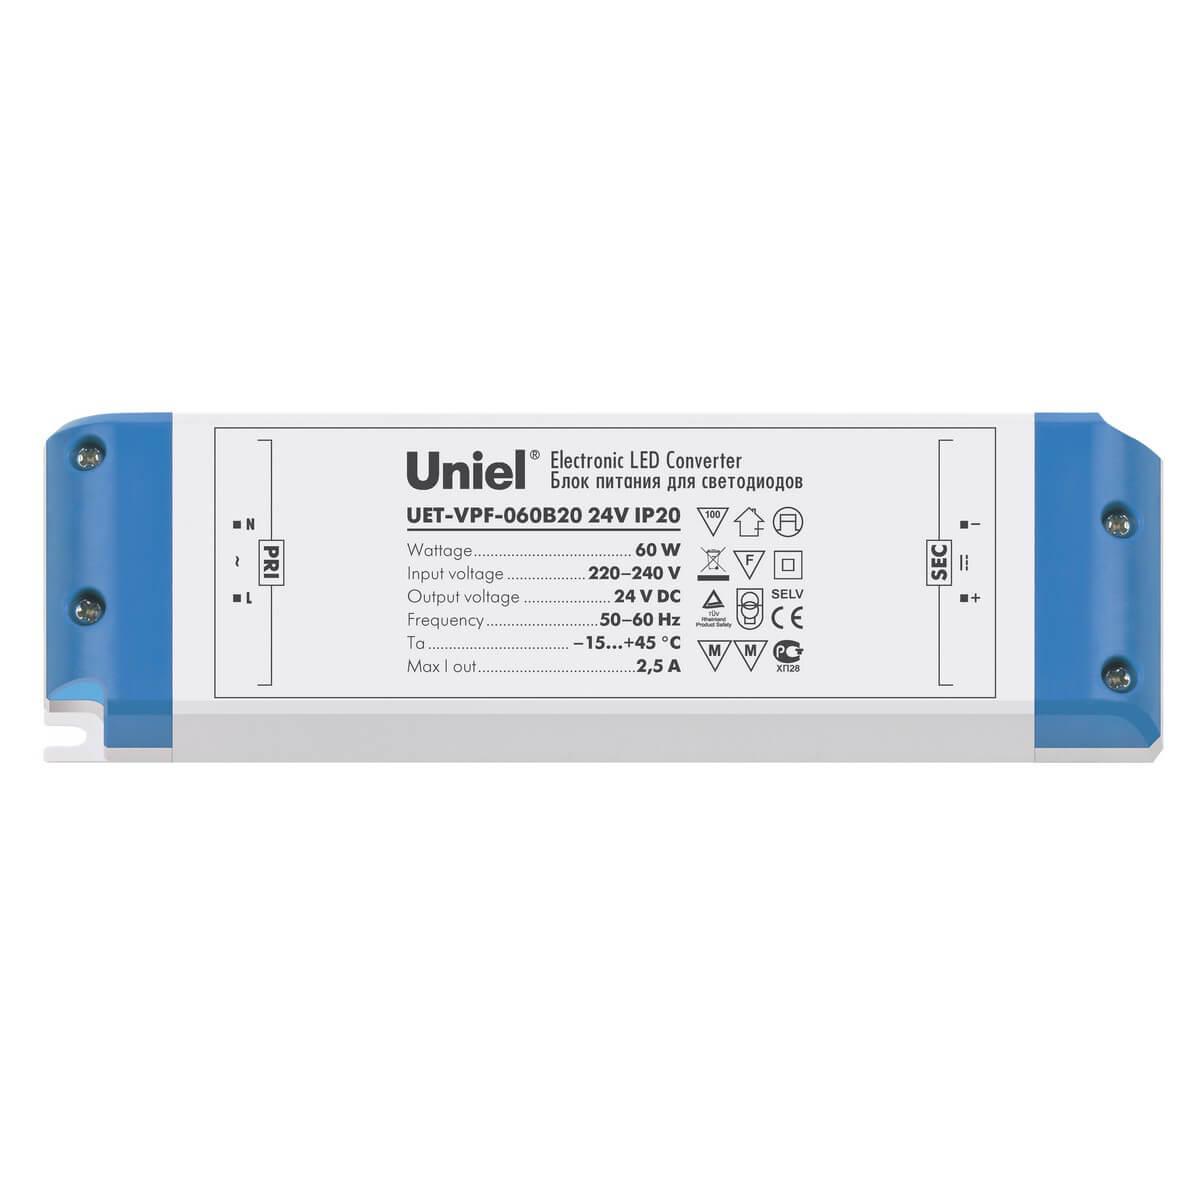 Блок питания для светодиодов 60W 2500мА (05833) Uniel UET-VPF-060B20 блок питания ul 00002429 uniel uet vas 060b20 24v ip20